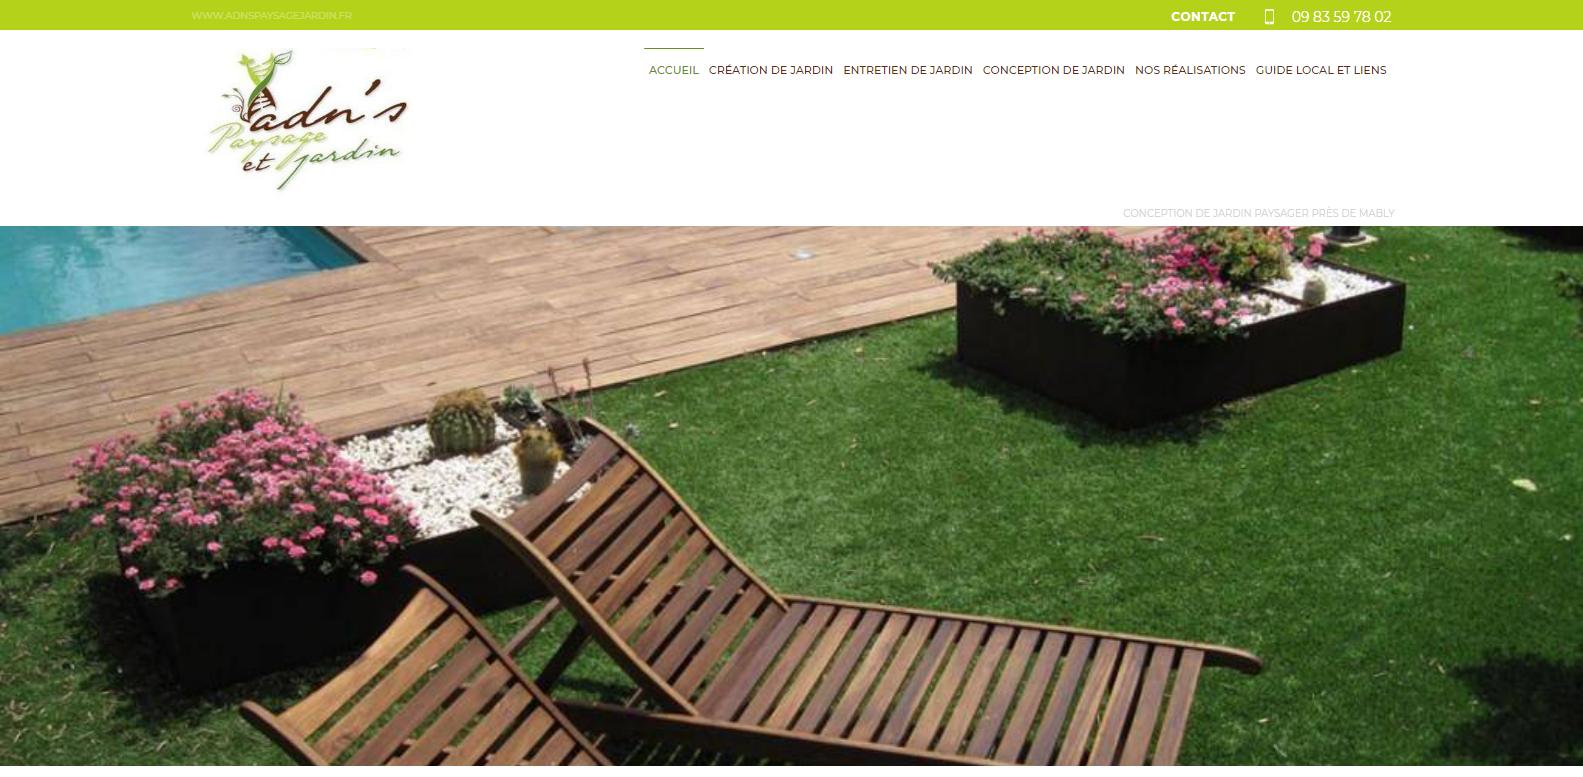 conception de jardin paysager roanne adn 39 s paysage et jardin agence web marseille jalis. Black Bedroom Furniture Sets. Home Design Ideas